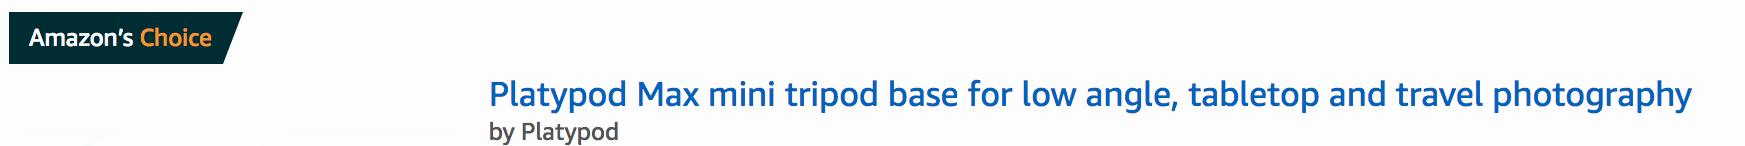 amazons tripod choice.png